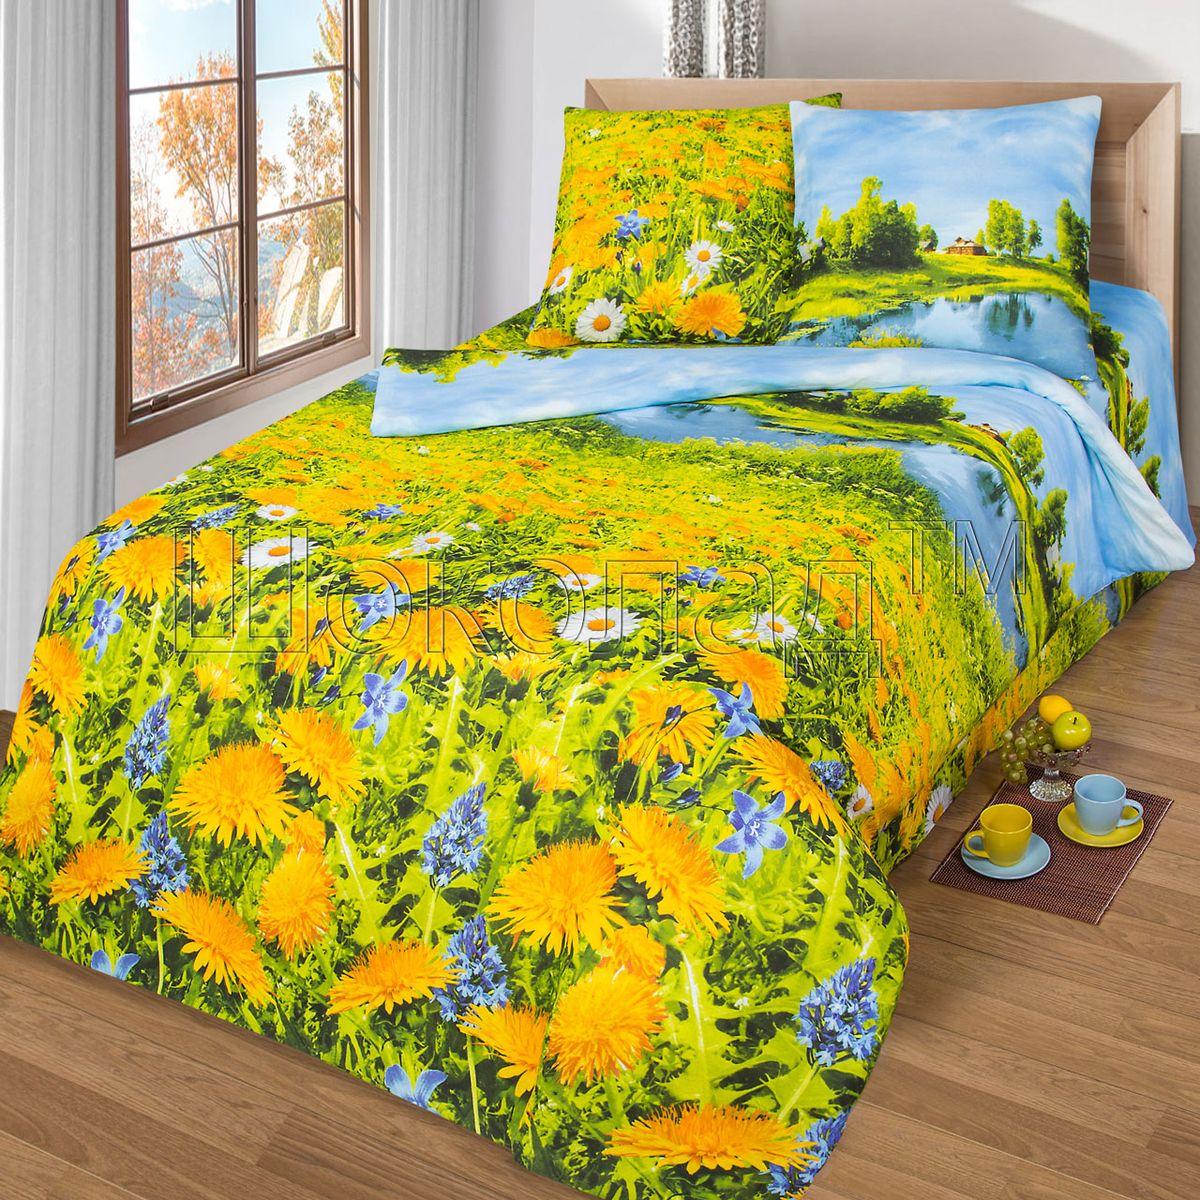 Комплект белья Шоколад Душистый луг, 1,5-спальный, наволочки 70x70. Б100Б100Комплект постельного белья Шоколад Душистый луг является экологически безопасным для всей семьи, так как выполнен из натурального хлопка. Комплект состоит из пододеяльника, простыни и двух наволочек. Постельное белье оформлено оригинальным рисунком и имеет изысканный внешний вид. Бязь - это ткань полотняного переплетения, изготовленная из экологически чистого и натурального 100% хлопка. Она прочная, мягкая, обладает низкой сминаемостью, легко стирается и хорошо гладится. Бязь прекрасно пропускает воздух и за ней легко ухаживать. При соблюдении рекомендуемых условий стирки, сушки и глажения ткань имеет усадку по ГОСТу, сохранятся яркость текстильных рисунков. Приобретая комплект постельного белья Шоколад Душистый луг, вы можете быть уверены в том, что покупка доставит вам и вашим близким удовольствие и подарит максимальный комфорт.Советы по выбору постельного белья от блогера Ирины Соковых. Статья OZON Гид